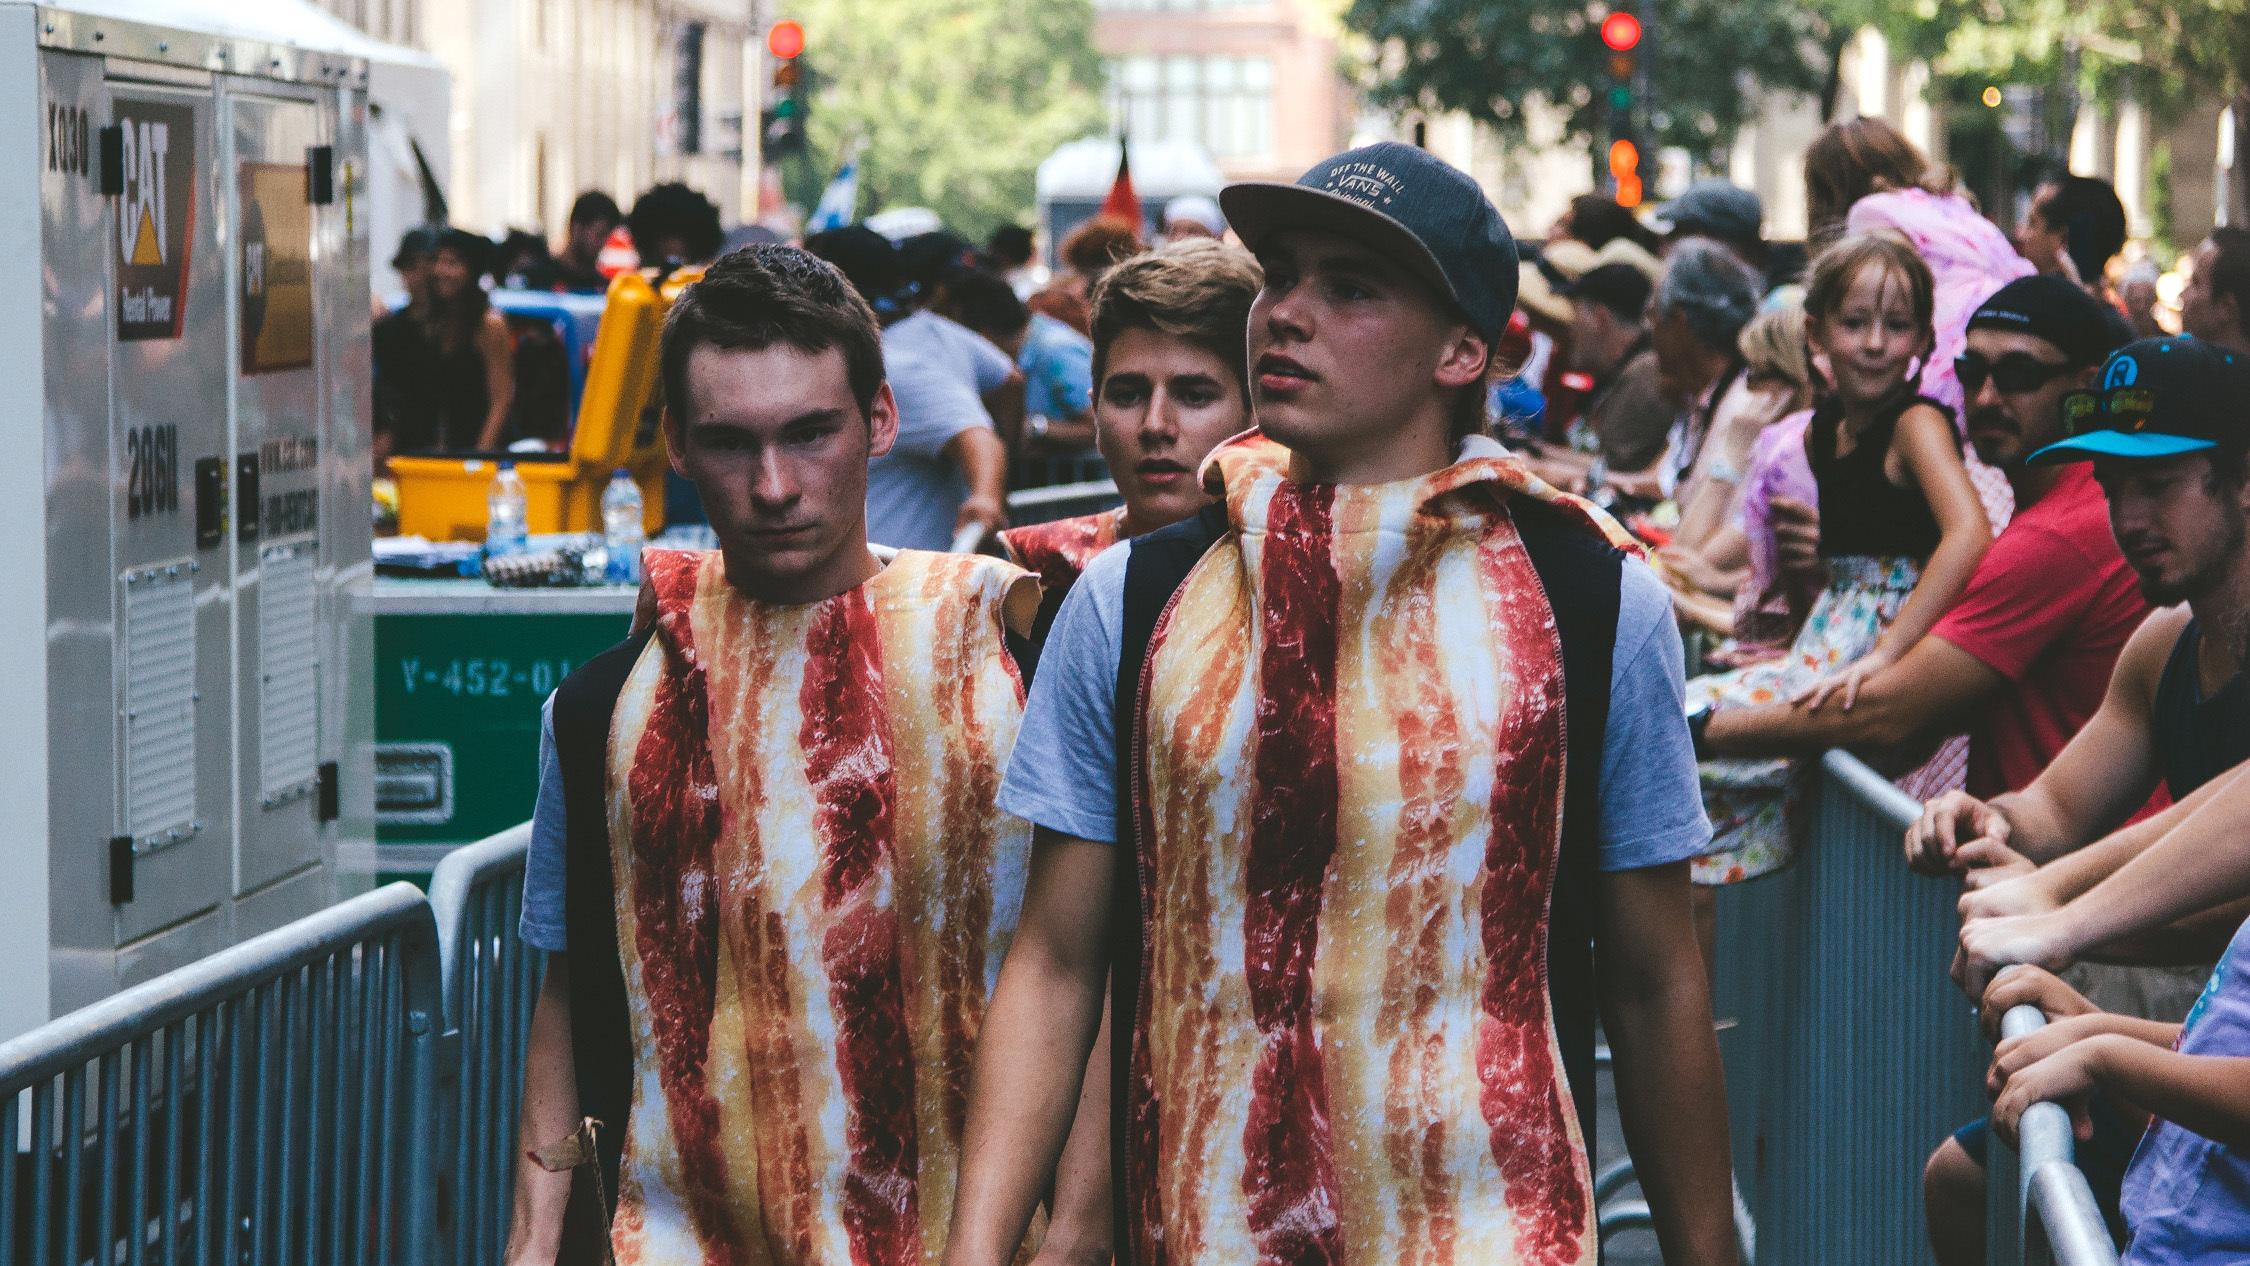 Cuckoo Callay presents Baconfest III